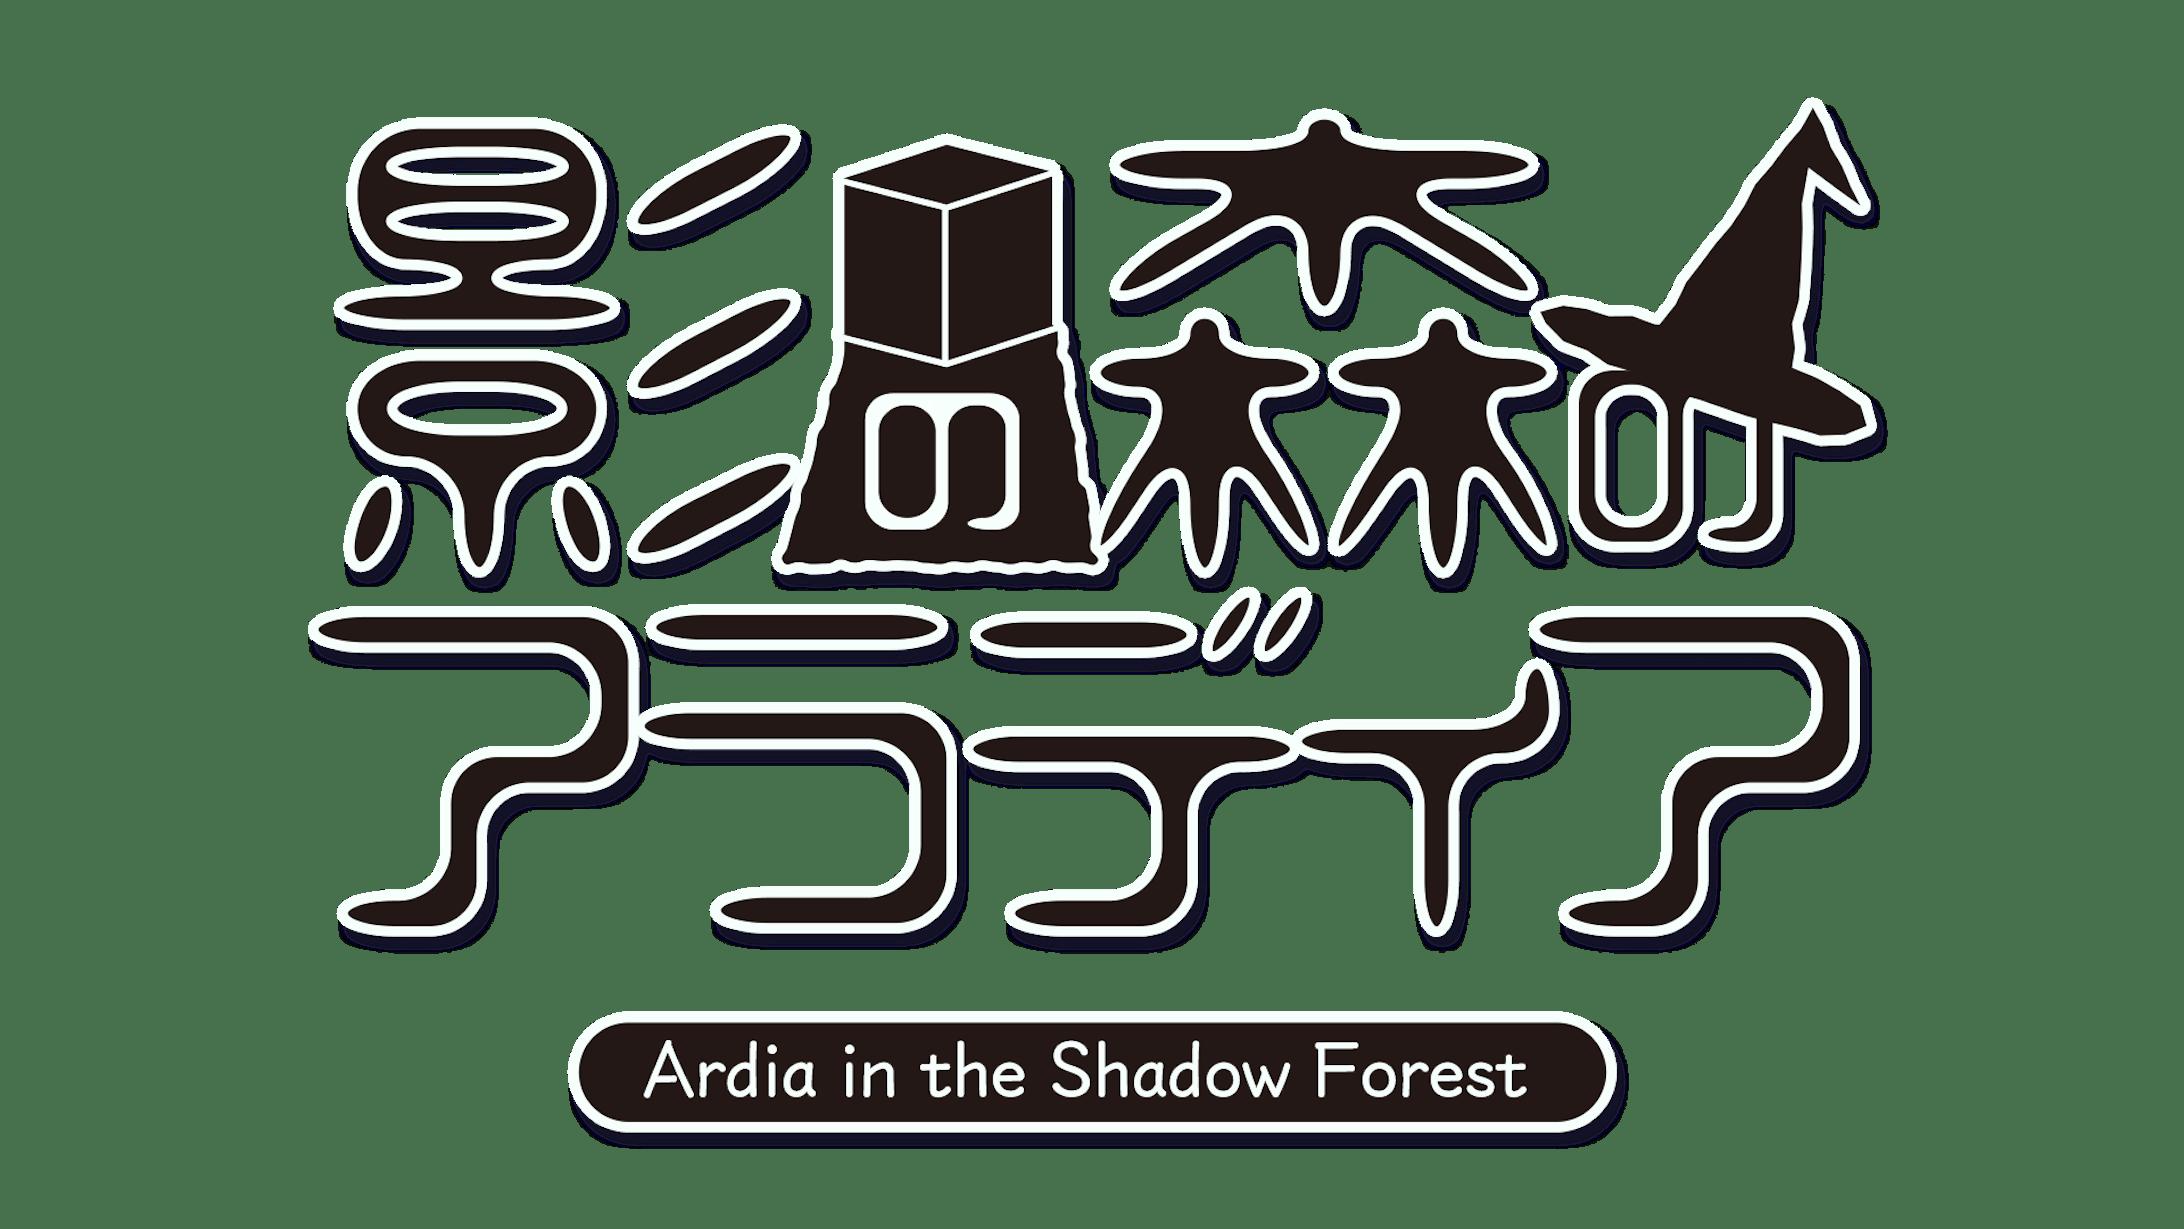 影の森のアラディア ロゴ-1